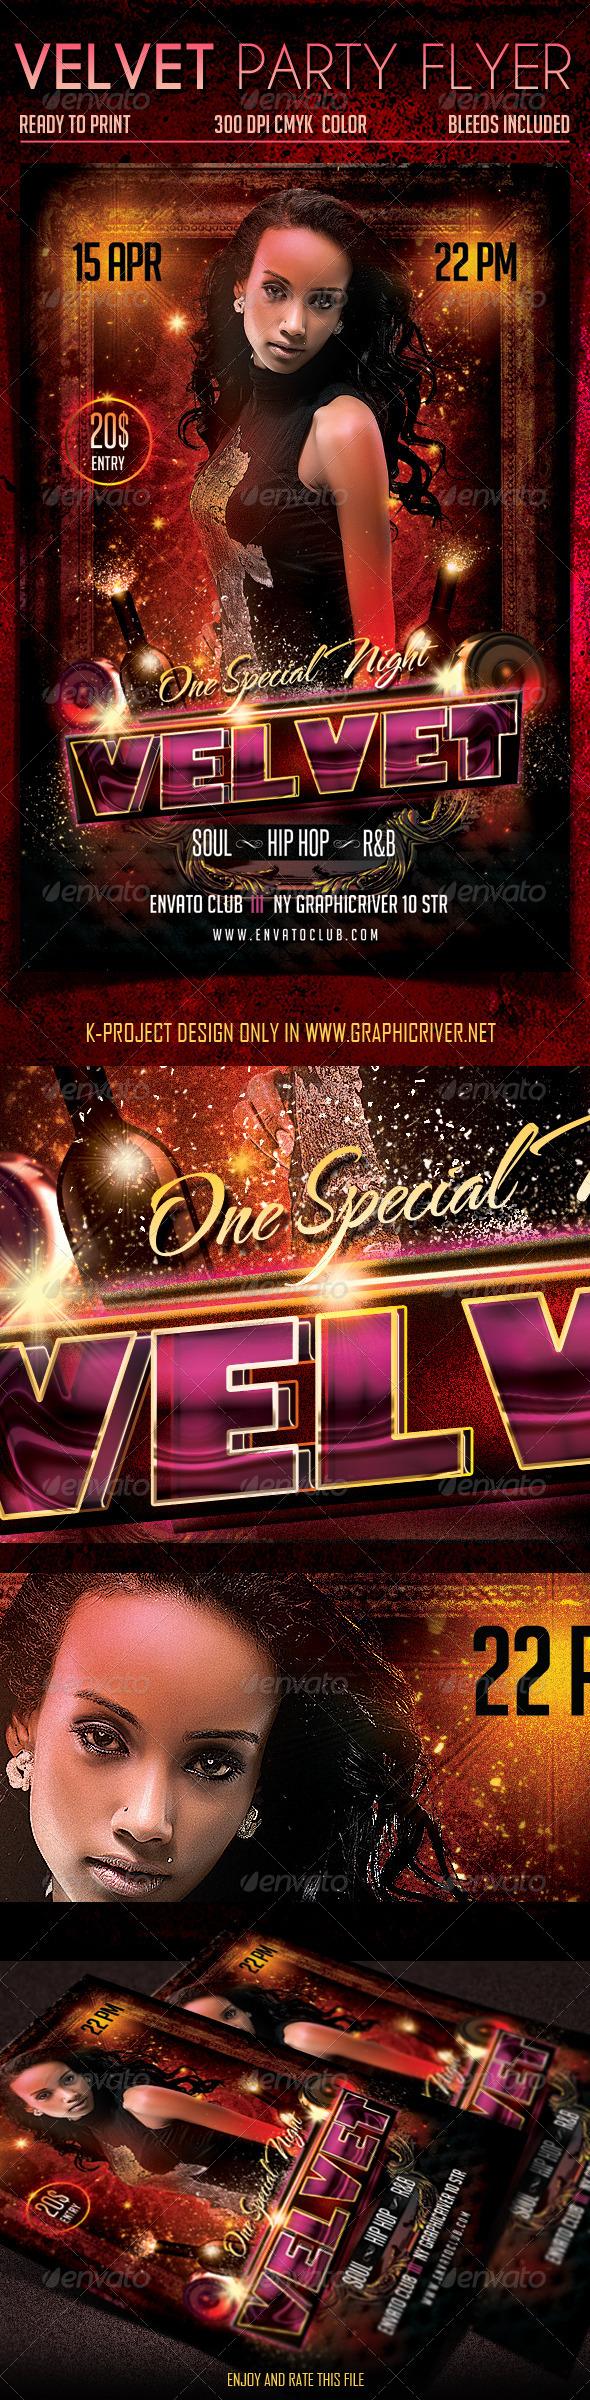 Velvet Party Flyer